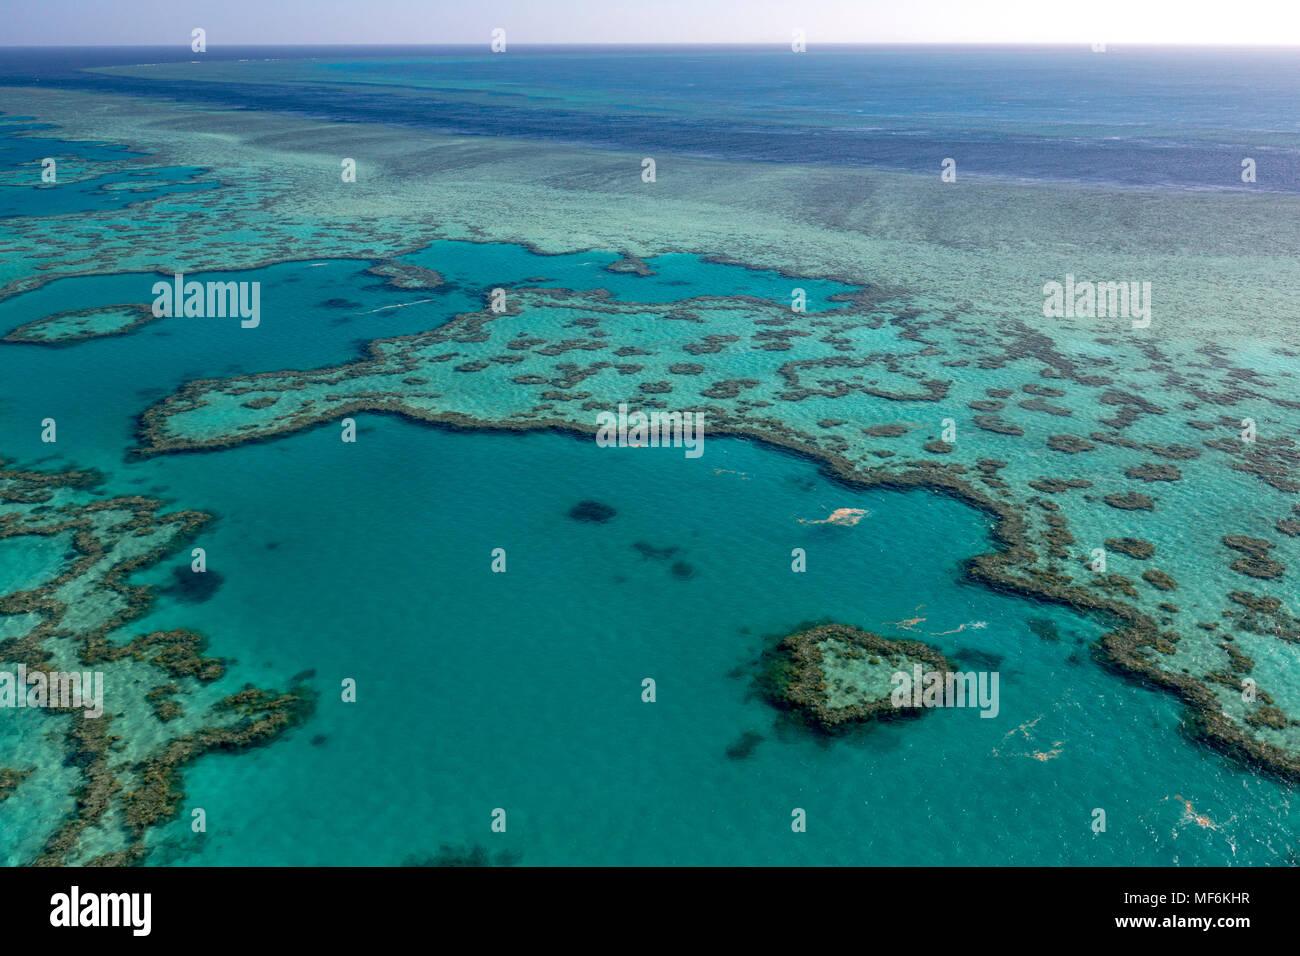 Arrecifes de Coral, en el corazón de Coral, parte de Hardy Reef, el borde exterior de la Gran Barrera de Coral, Queensland, Australia Imagen De Stock